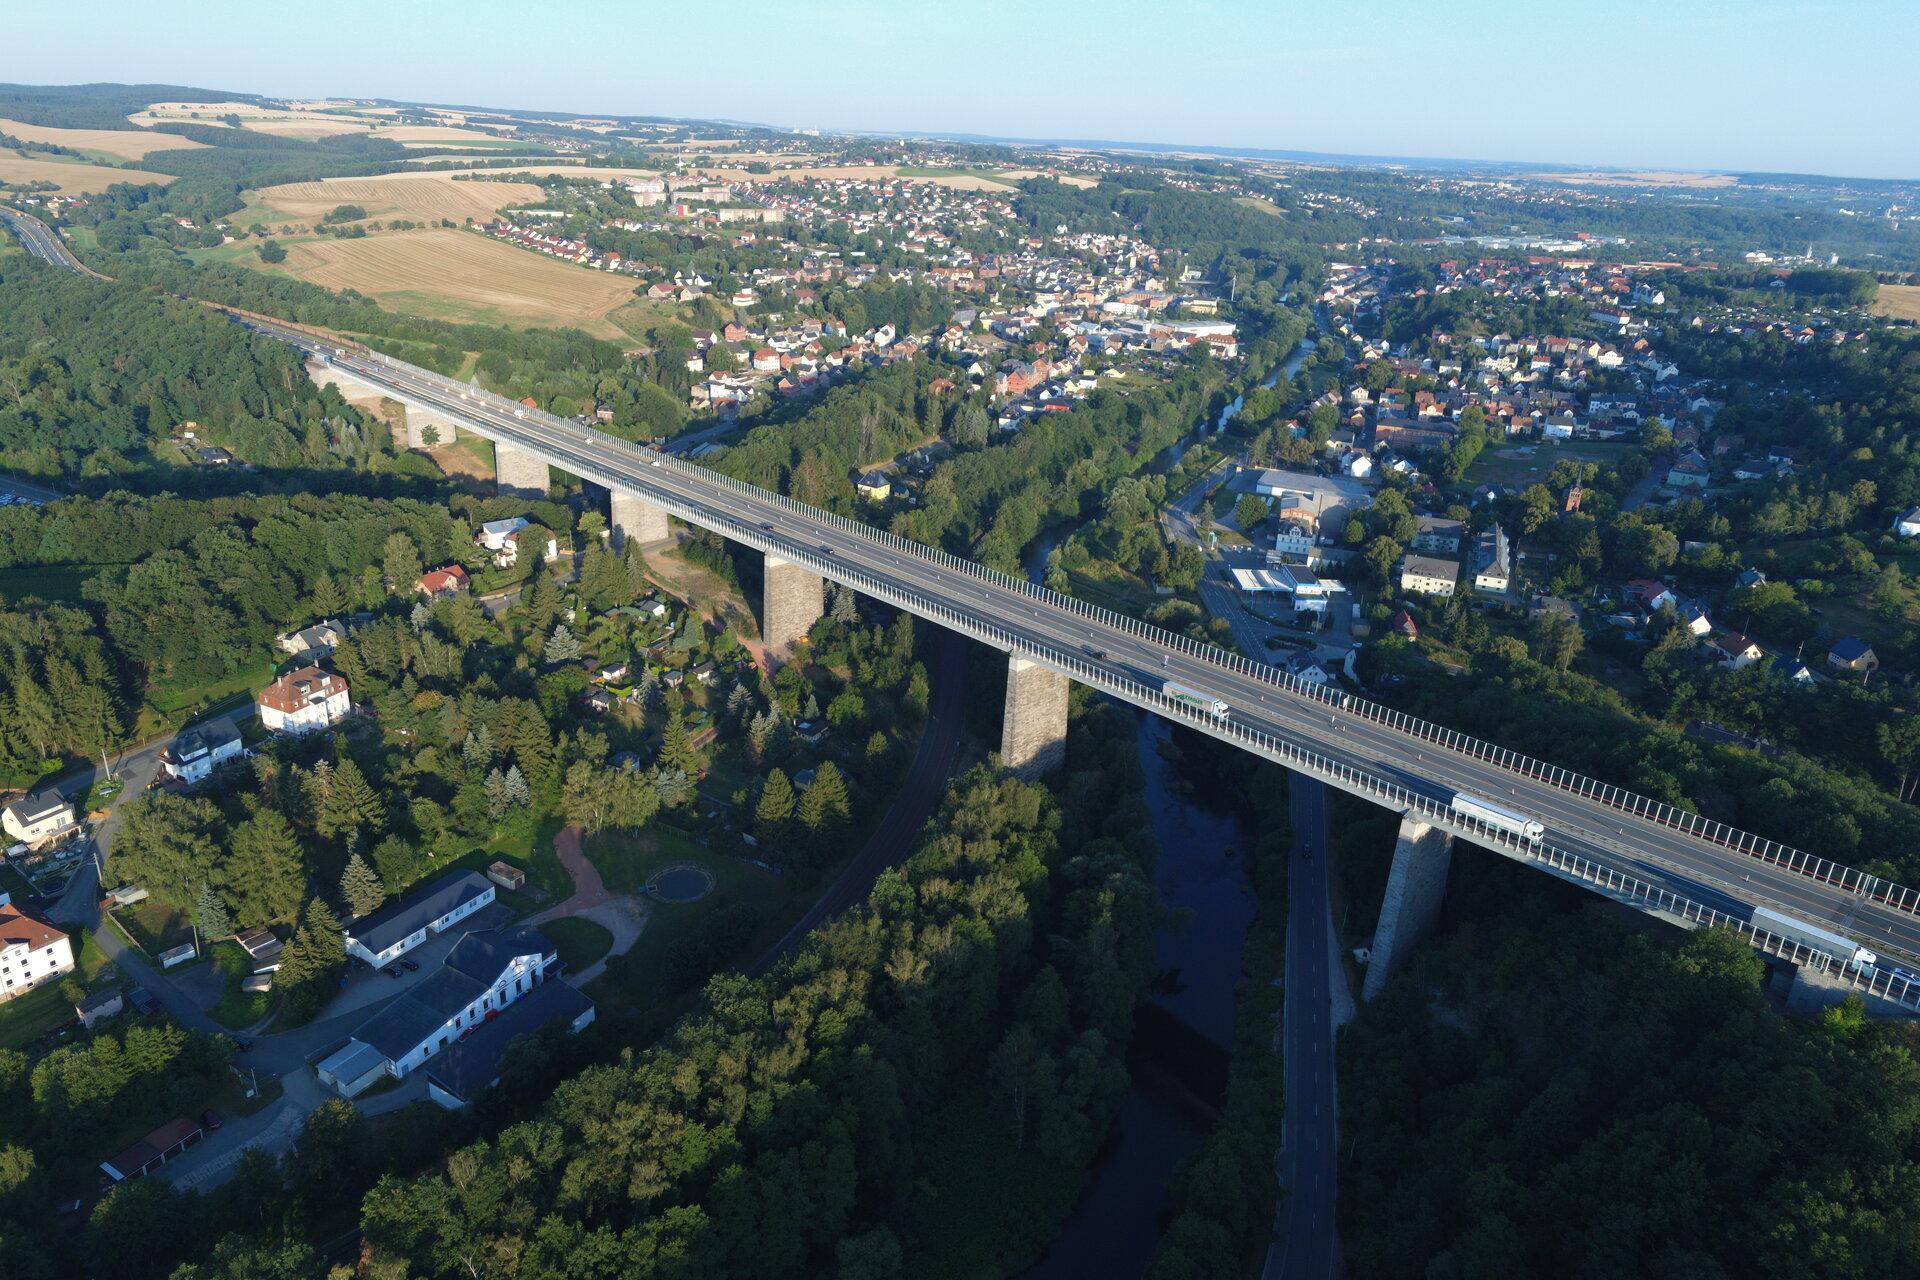 Autobahnbrücke der A72 (c) Stadtfeuerwehr